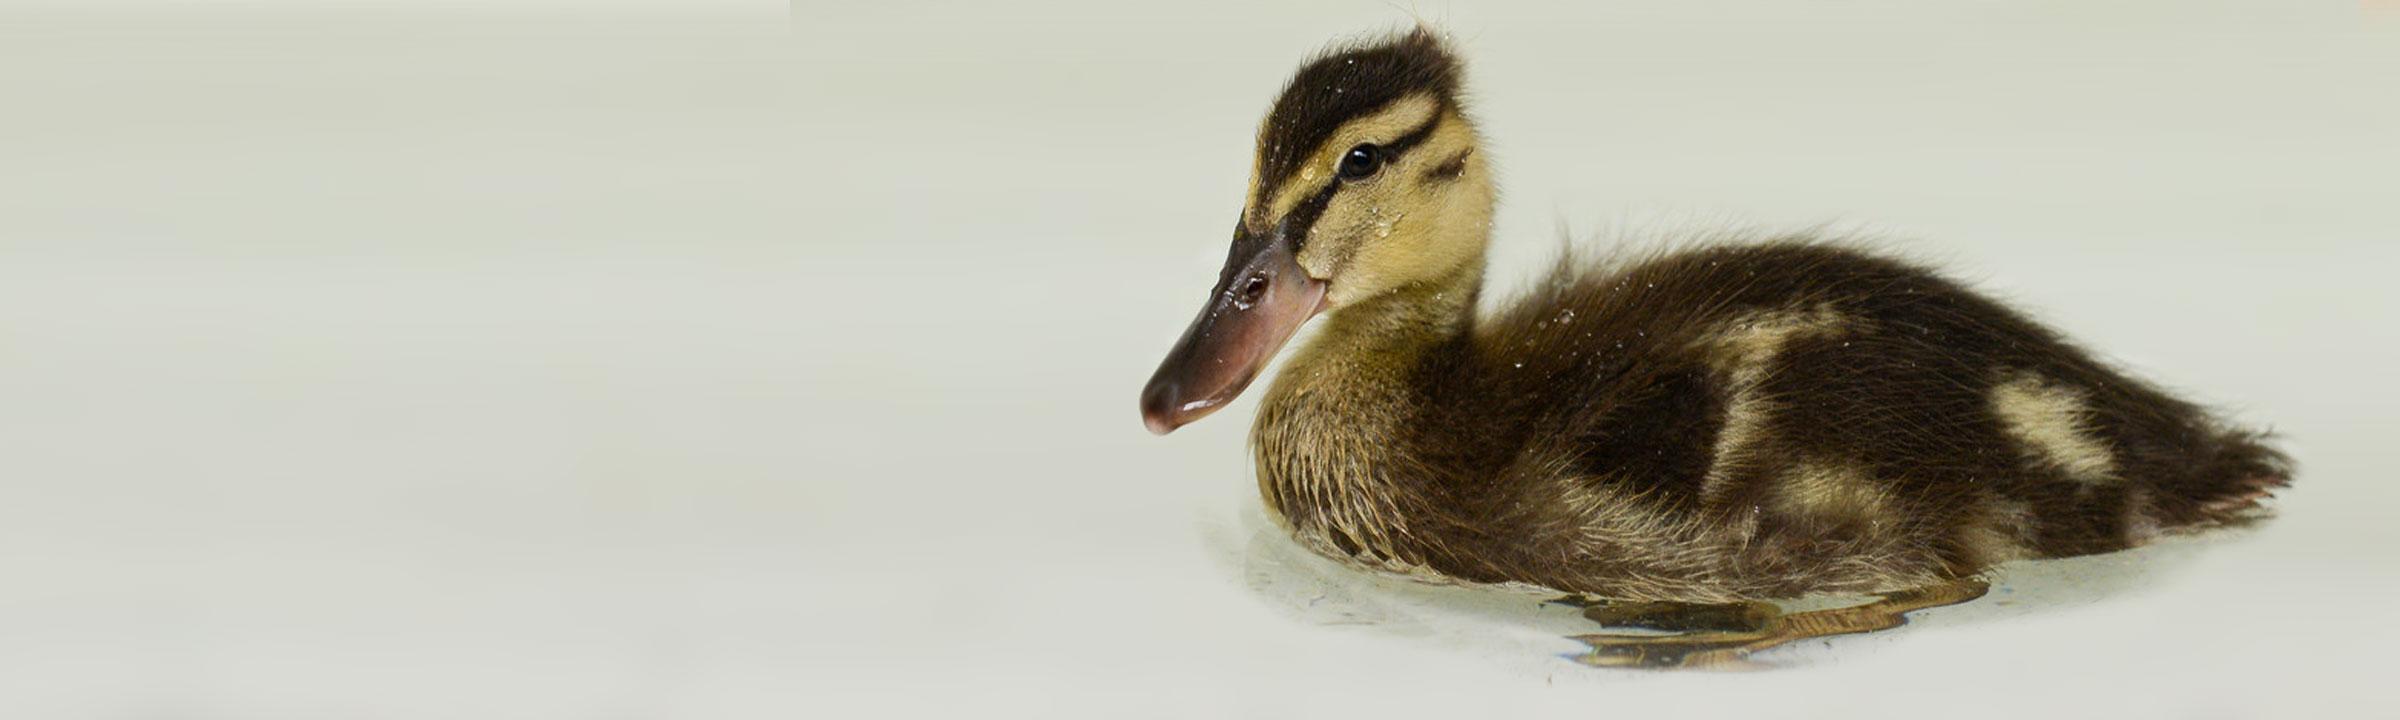 header_duckling